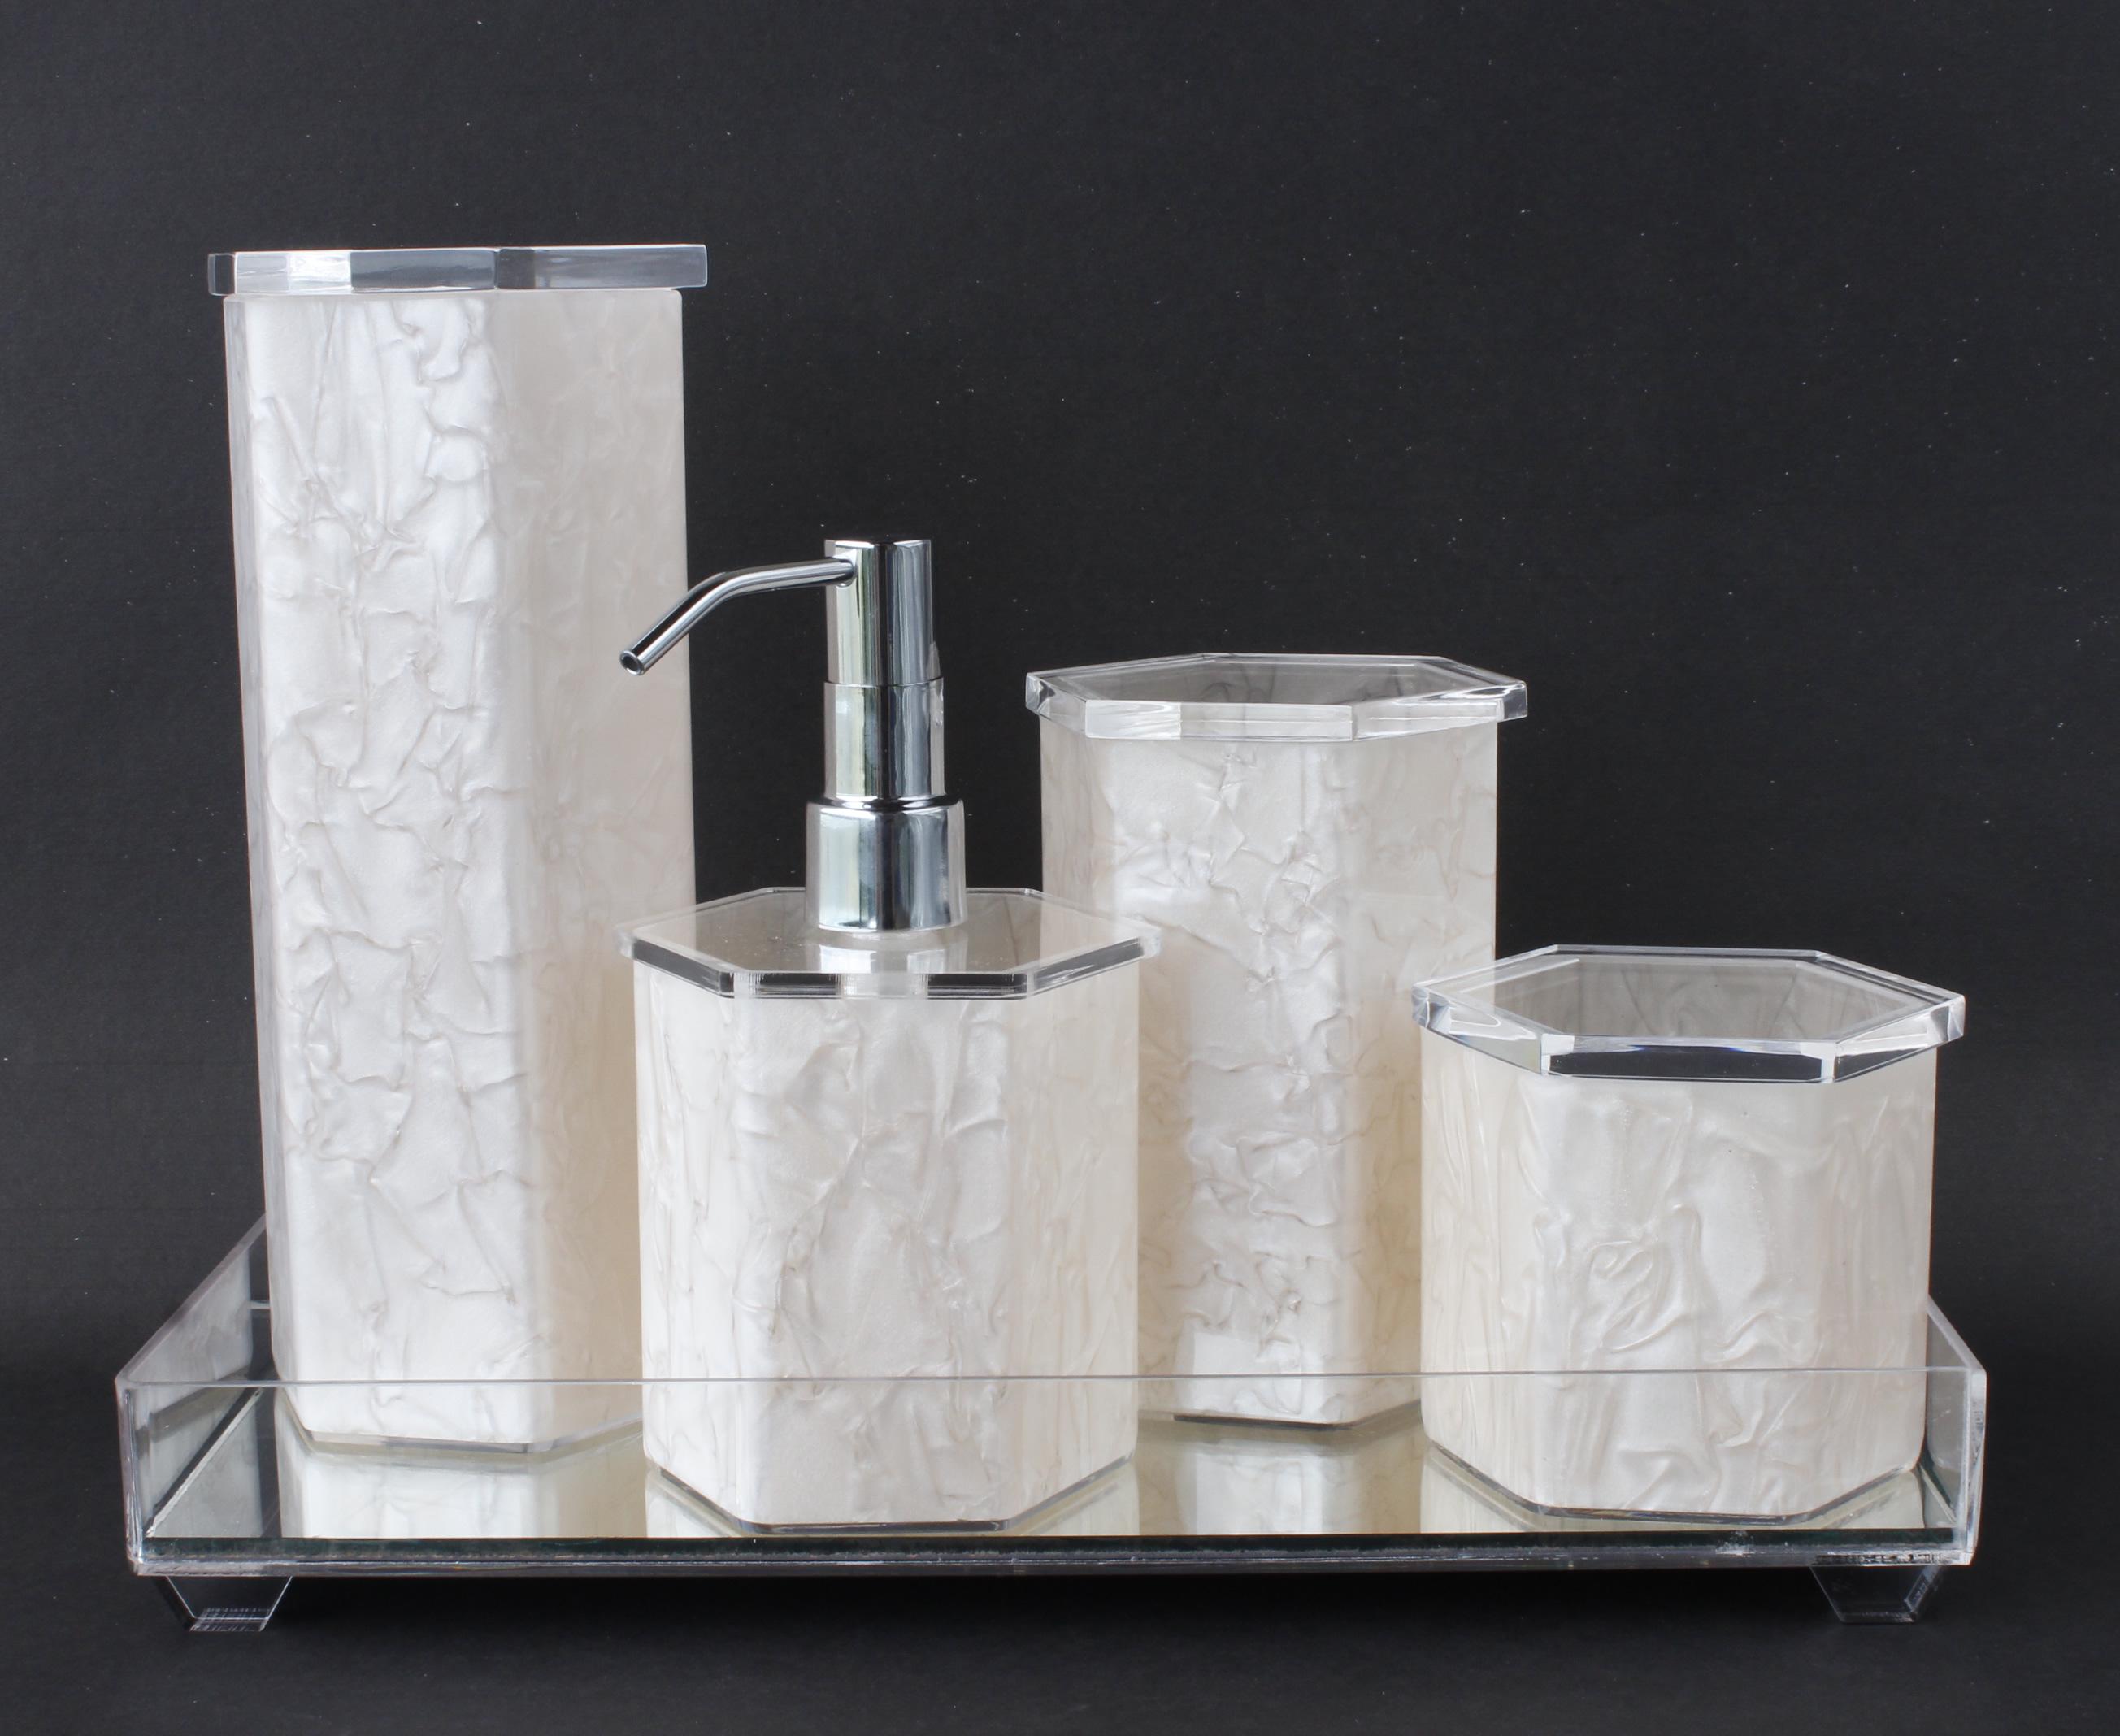 Kit Higiene Banheiro Acrílico Espelhada  Decorar Cantinho  Elo7 -> Pia De Banheiro Acrilico